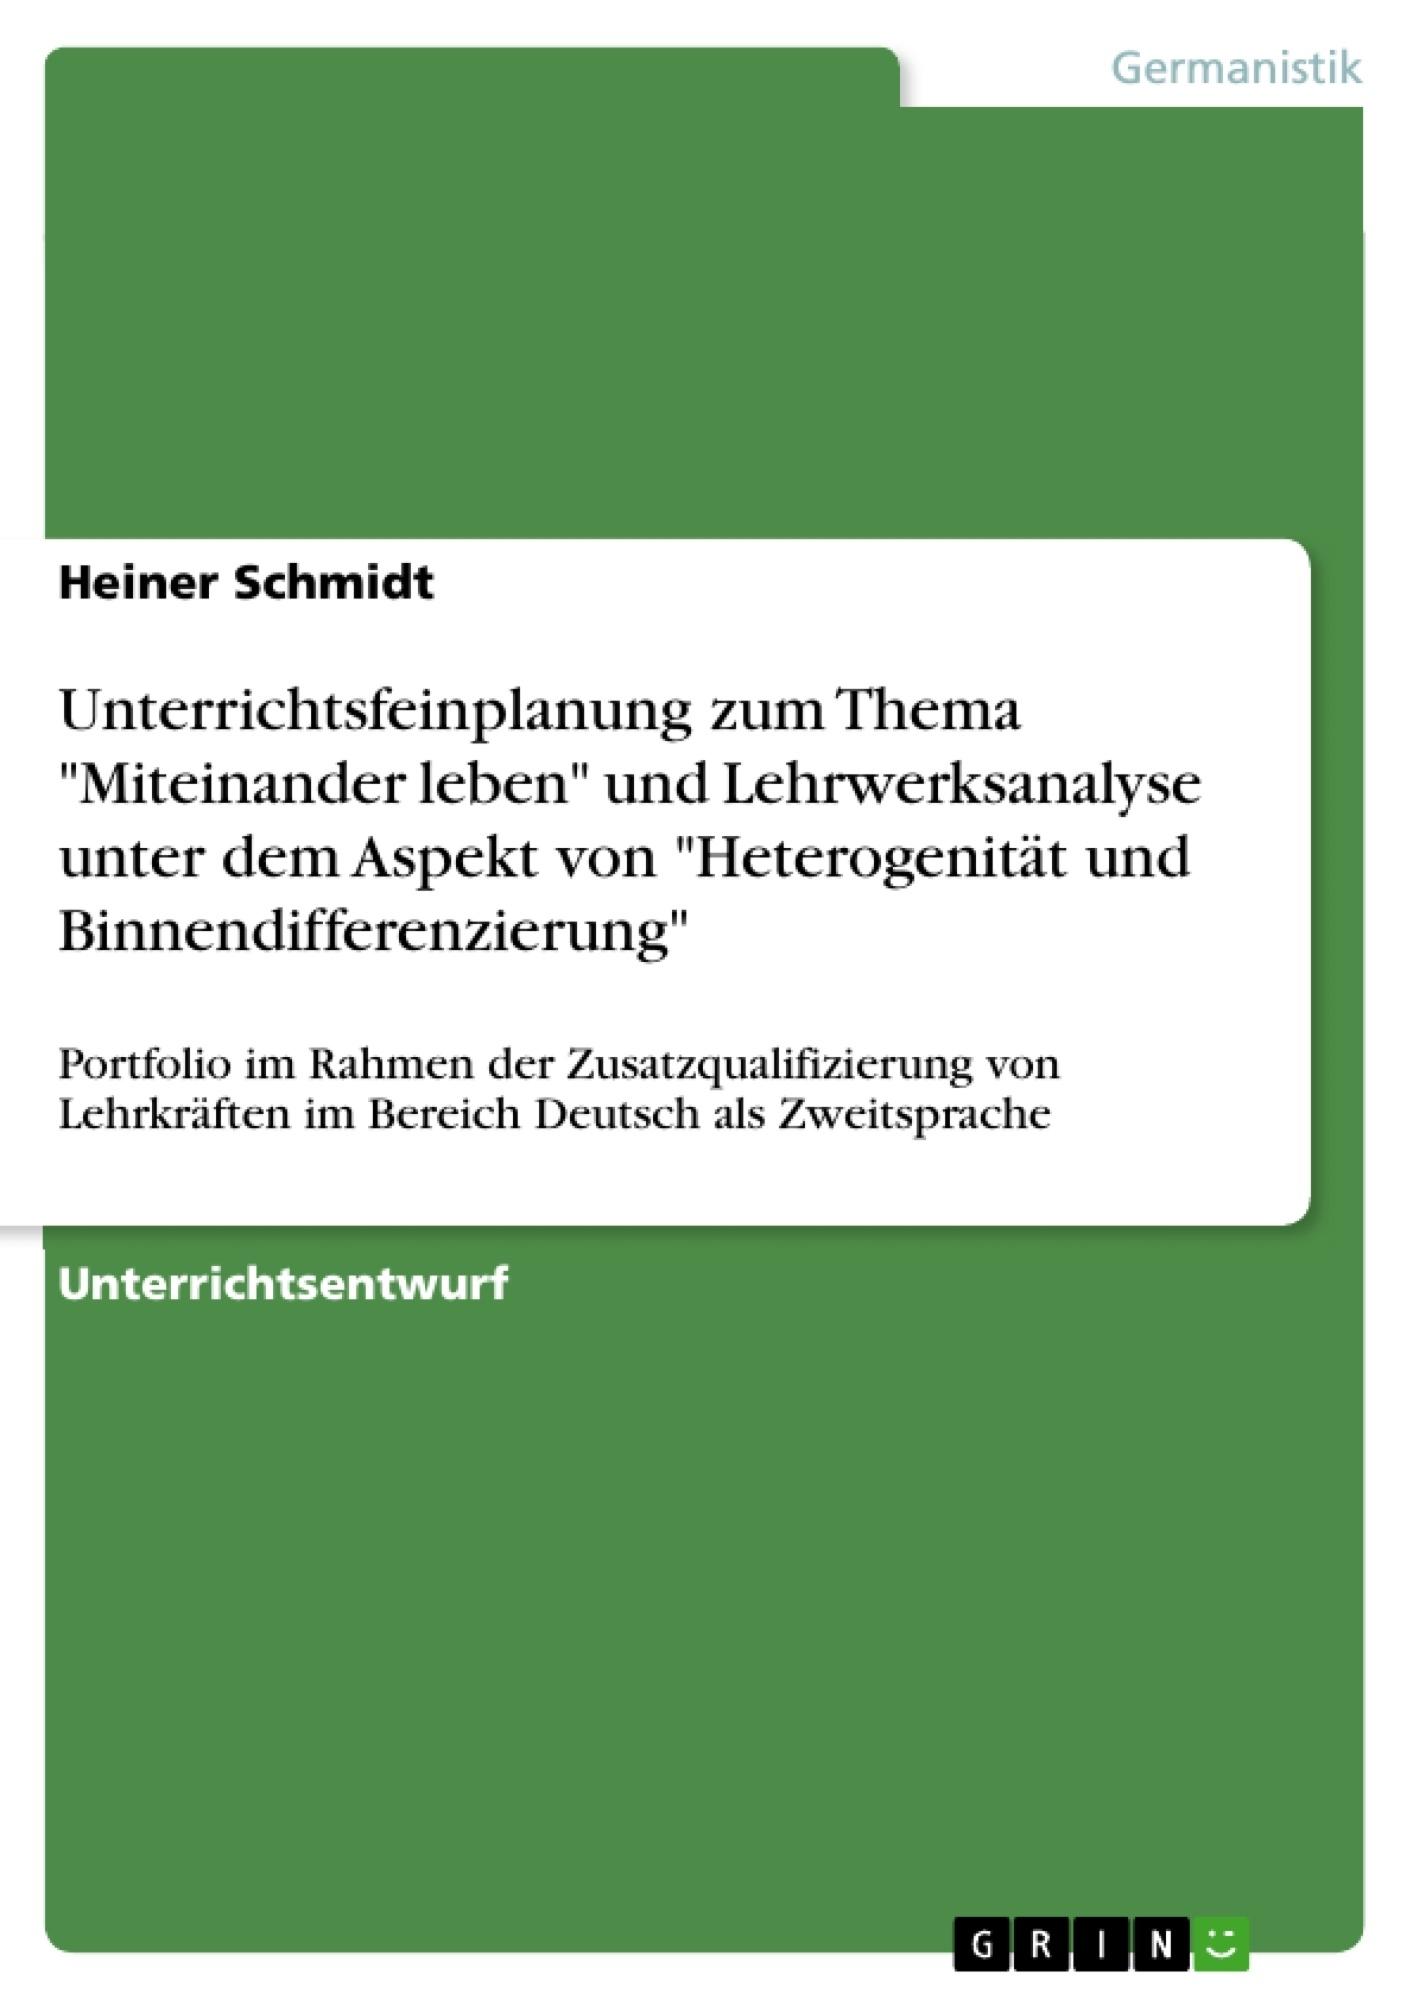 """Titel: Unterrichtsfeinplanung zum Thema """"Miteinander leben"""" (""""Berliner Platz NEU"""") und Lehrwerksanalyse unter dem Aspekt von """"Heterogenität und Binnendifferenzierung"""" (""""Schritte plus"""")"""